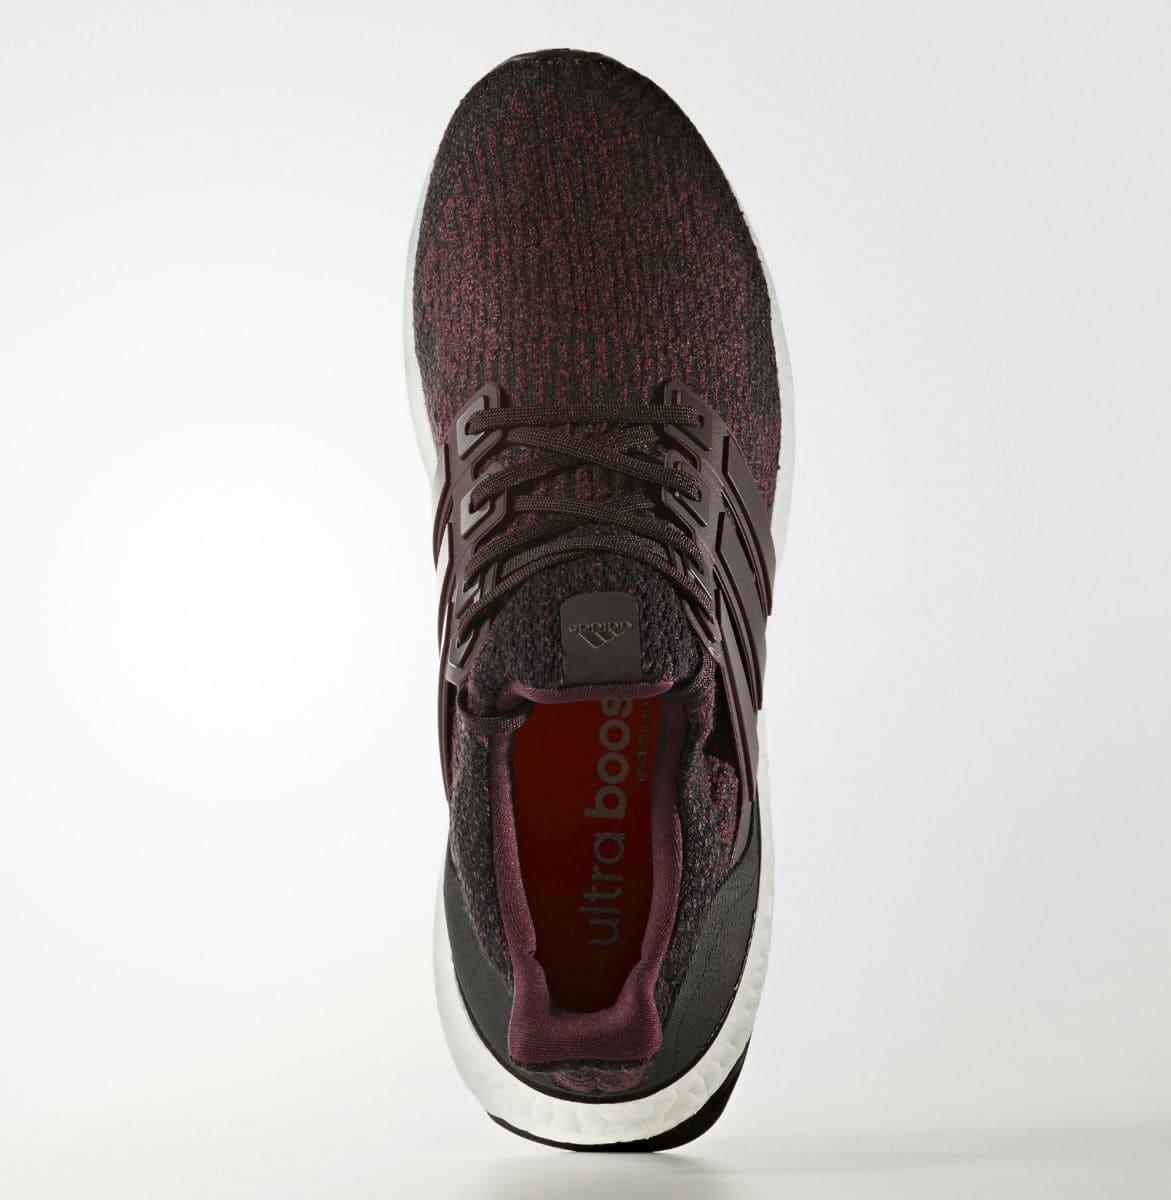 1c8f8fb72 ... ireland adidas ultra boost 3.0 burgundy f6192 b24a7